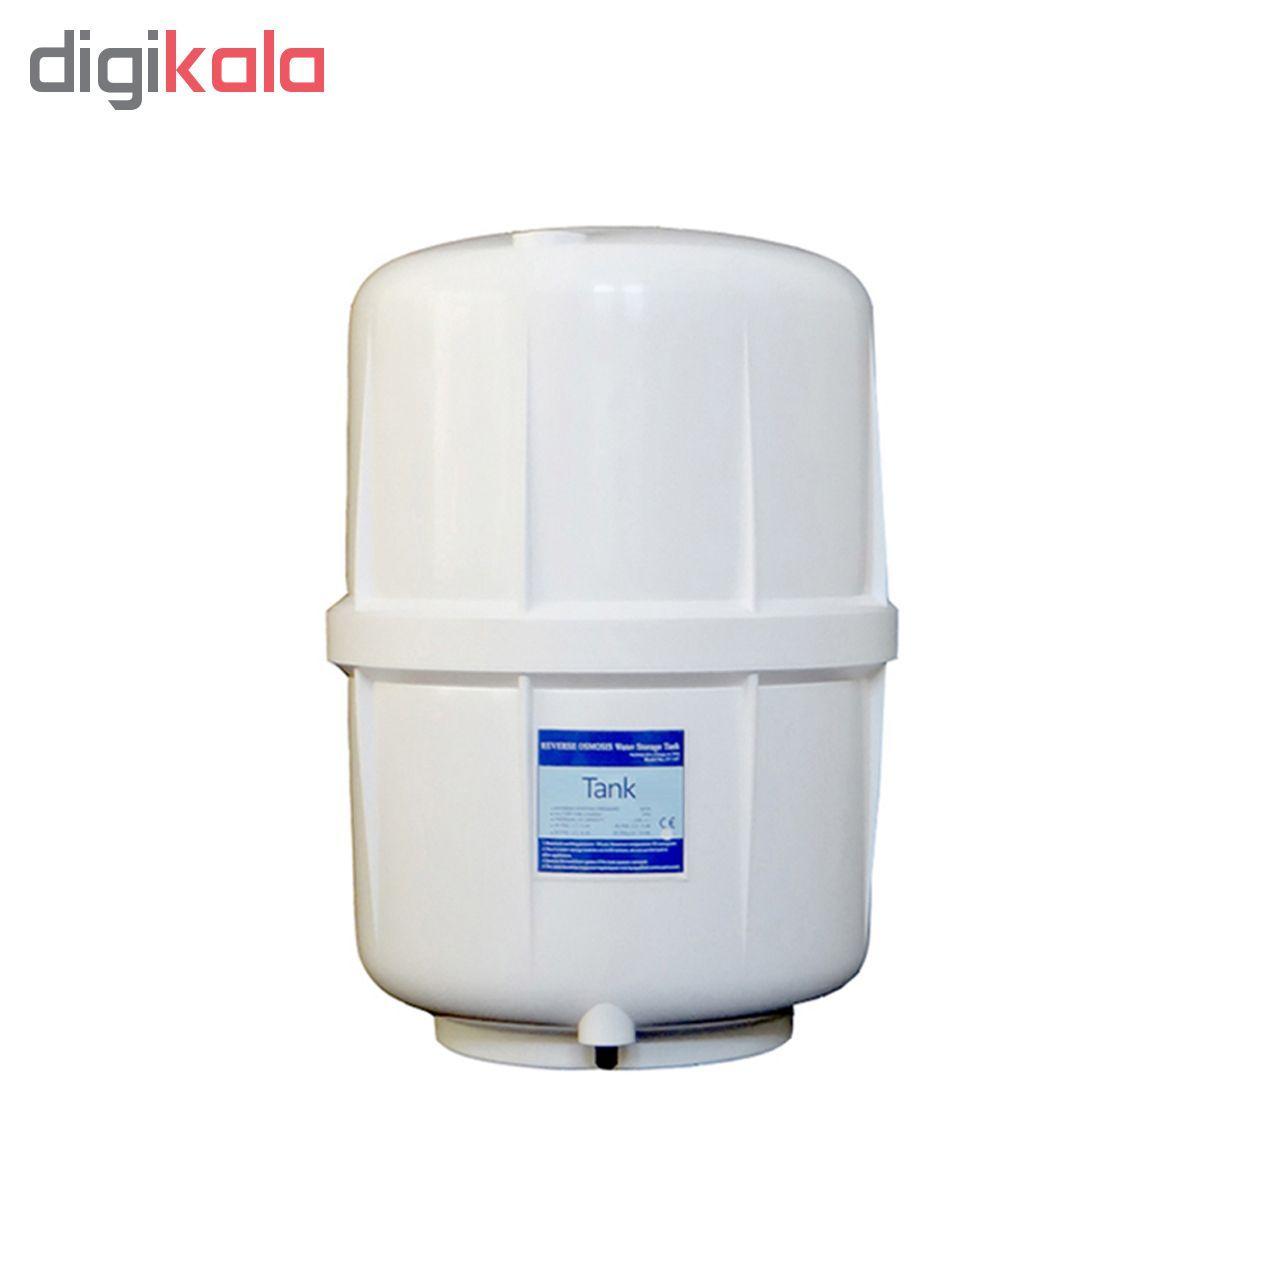 دستگاه تصفیه کننده آب اولانسی مدل RO-A930 به همراه فیلتر بسته 4 عددی main 1 7